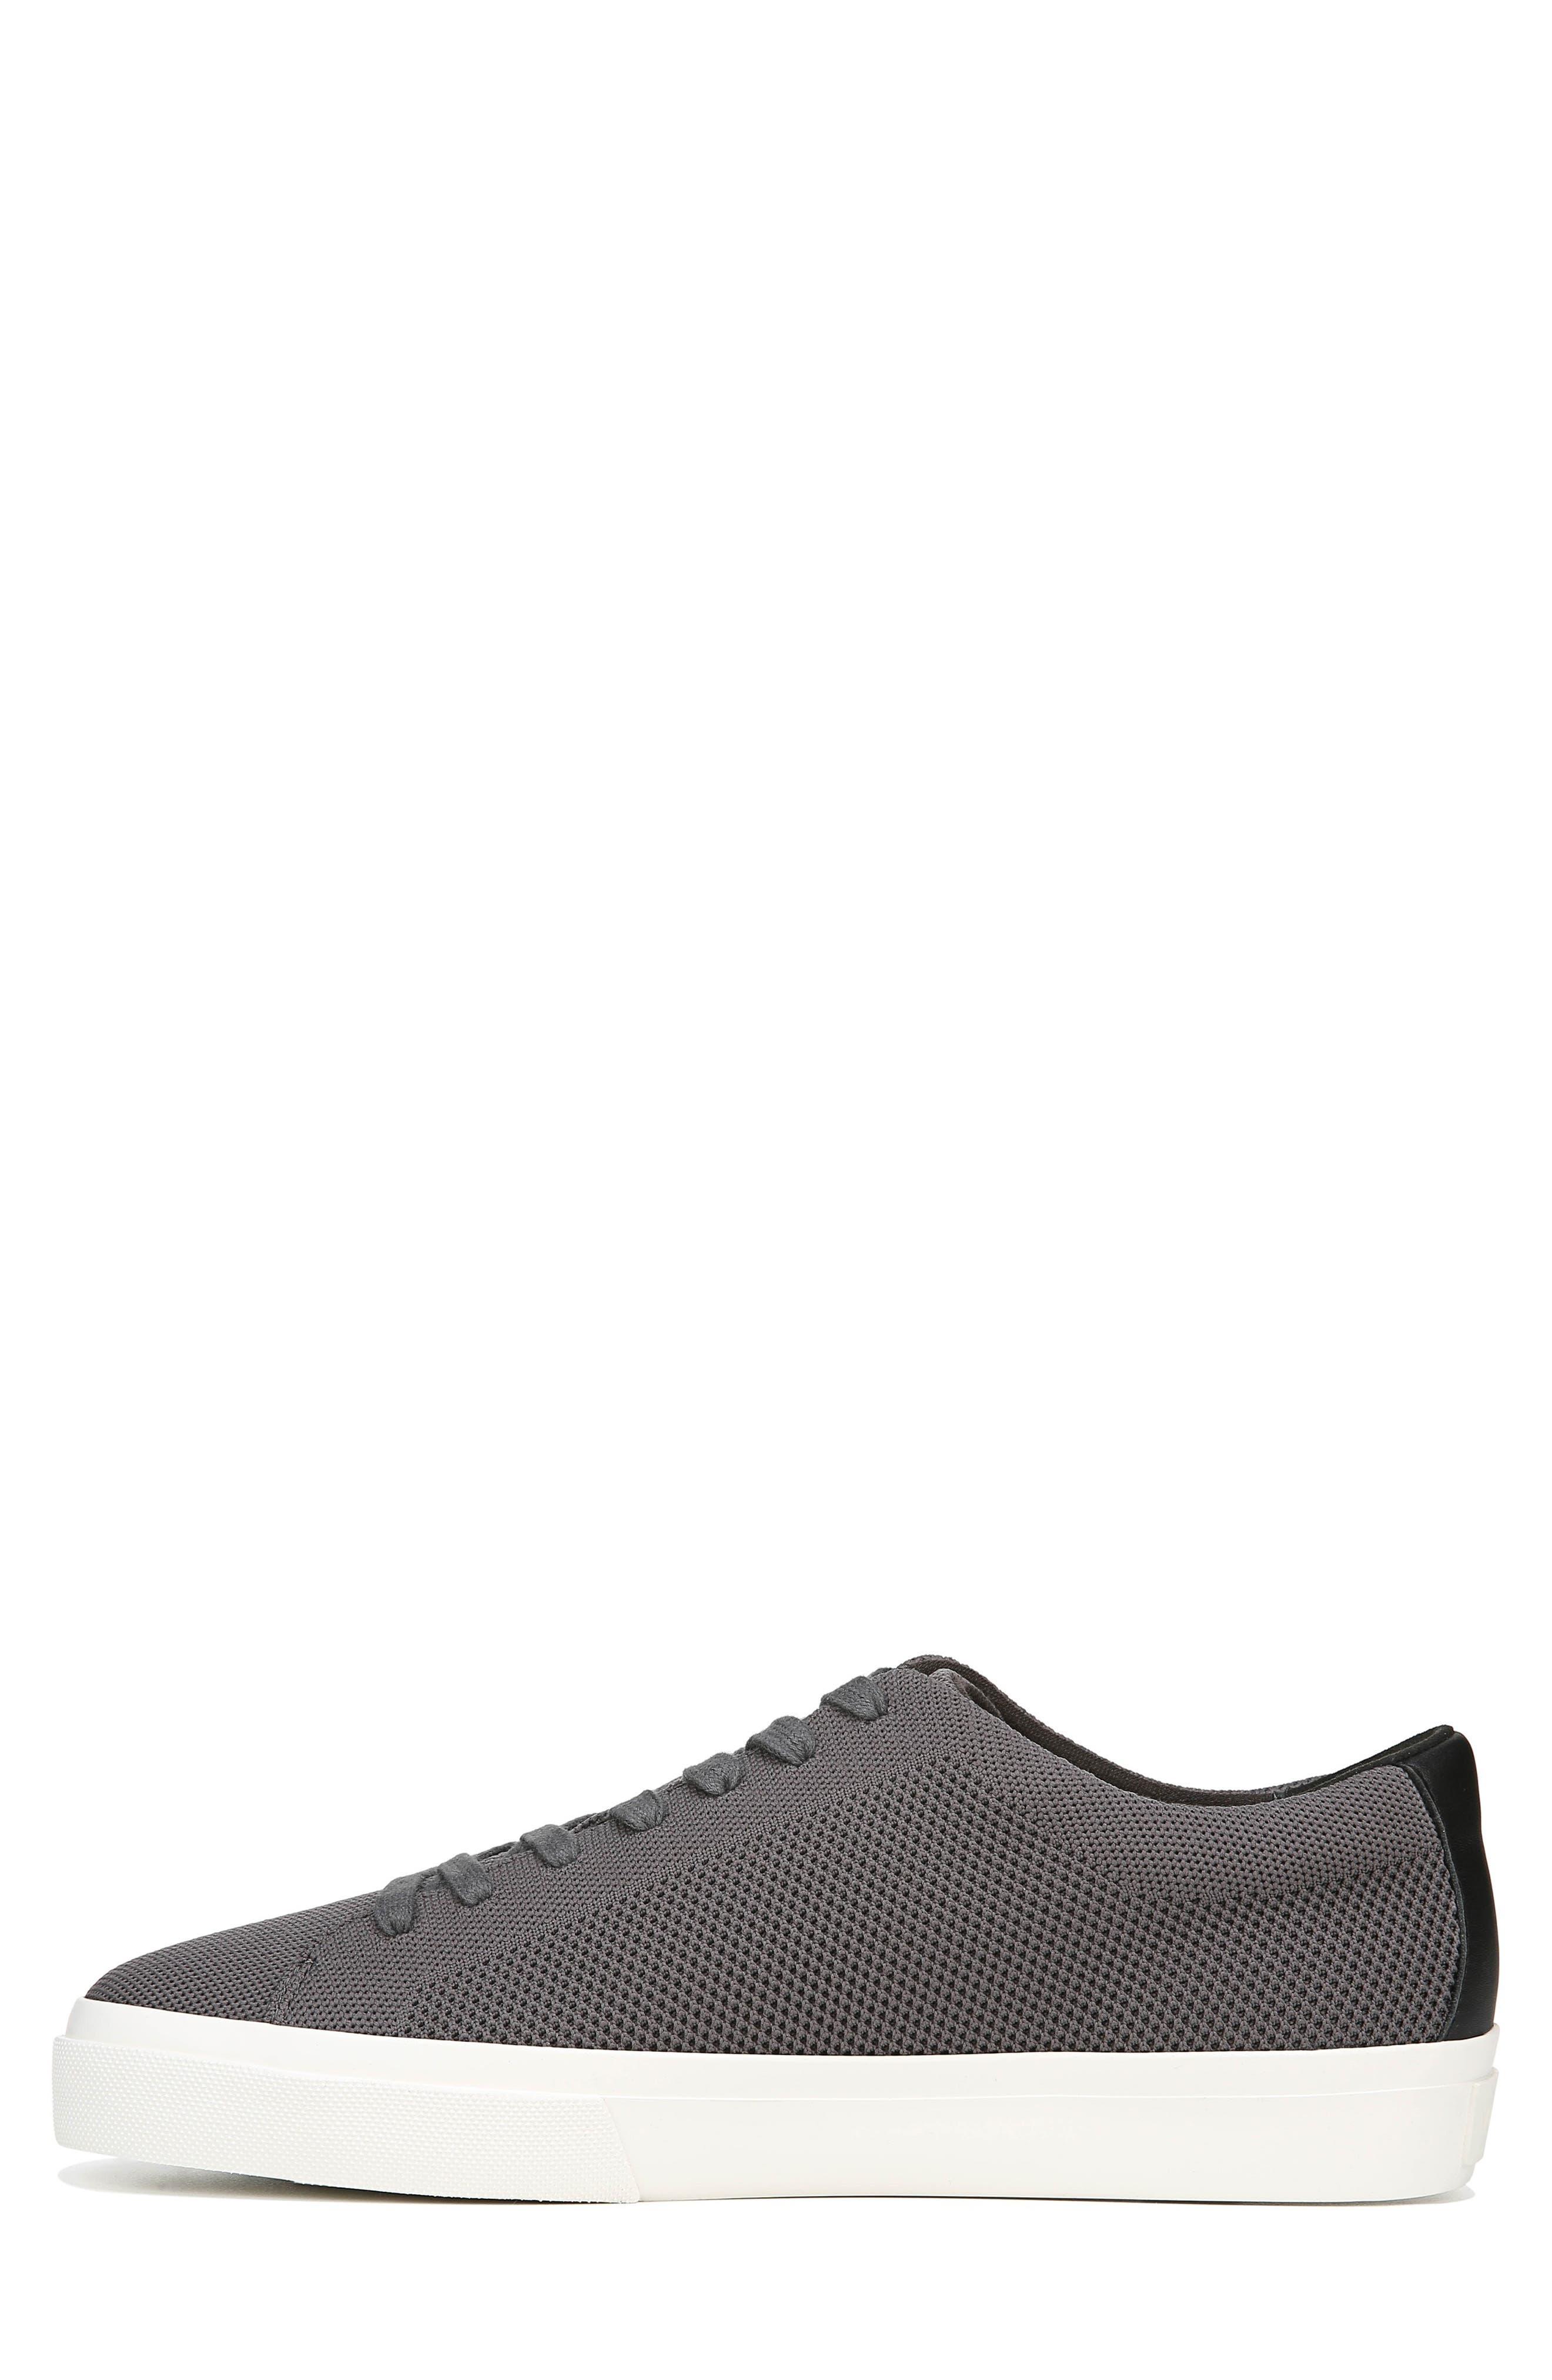 VINCE, Farrell Sneaker, Alternate thumbnail 9, color, GRAPHITE/ BLACK